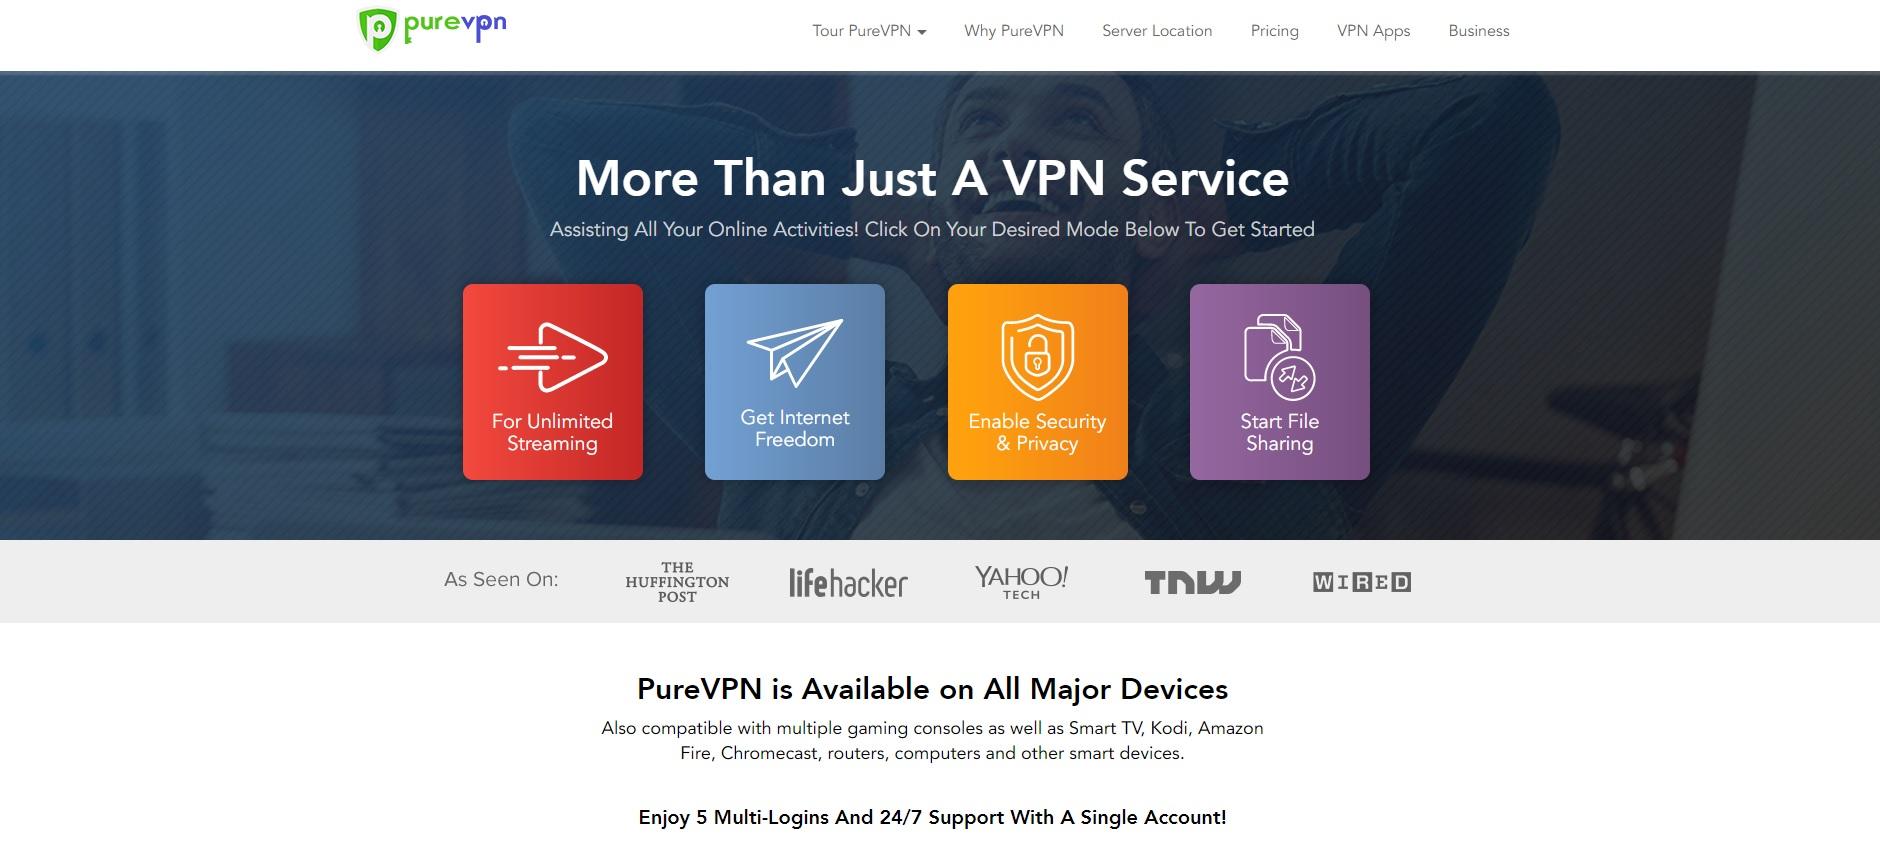 purevpn best server